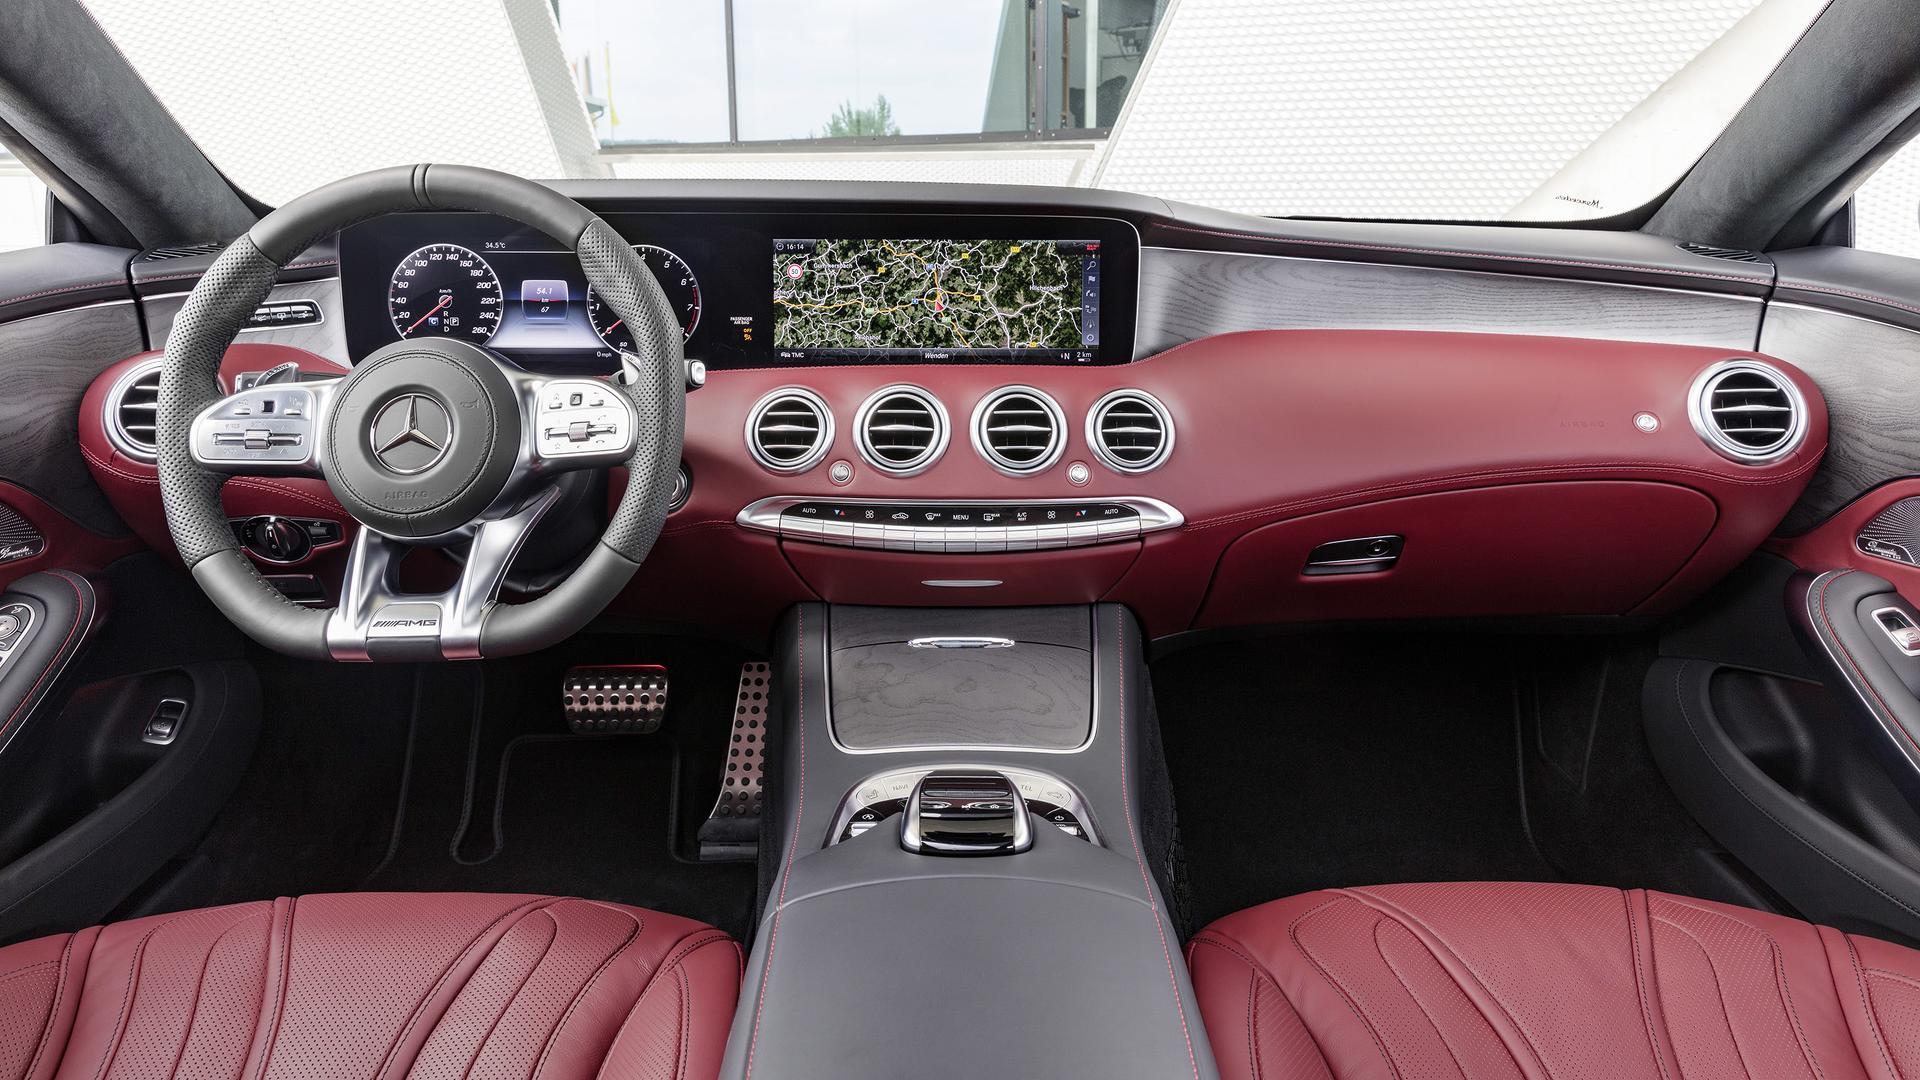 b18595f512eb4 اسعار السيارة مرسيدس اس 63 موديل 2016 · Interior · تمامًا مثل S560 السيدان،  حصلت S560 كوبيه على محرك تيربو مزدوج جديد 4 لتر 8 · مرسيدس S63 AMG ...